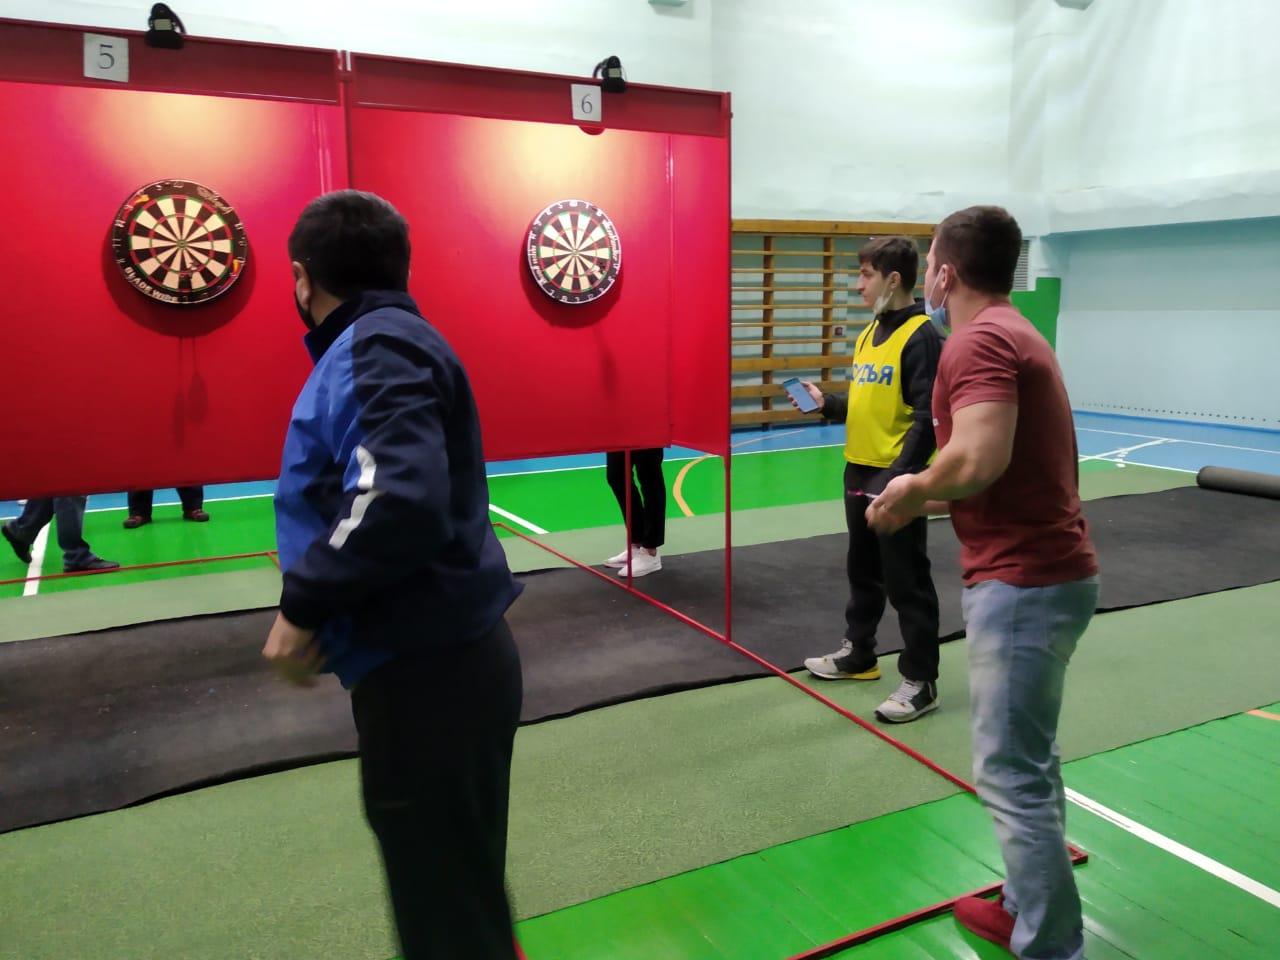 Спортсмены из Михайлово-Ярцевского провели этап подготовки к соревнованиям